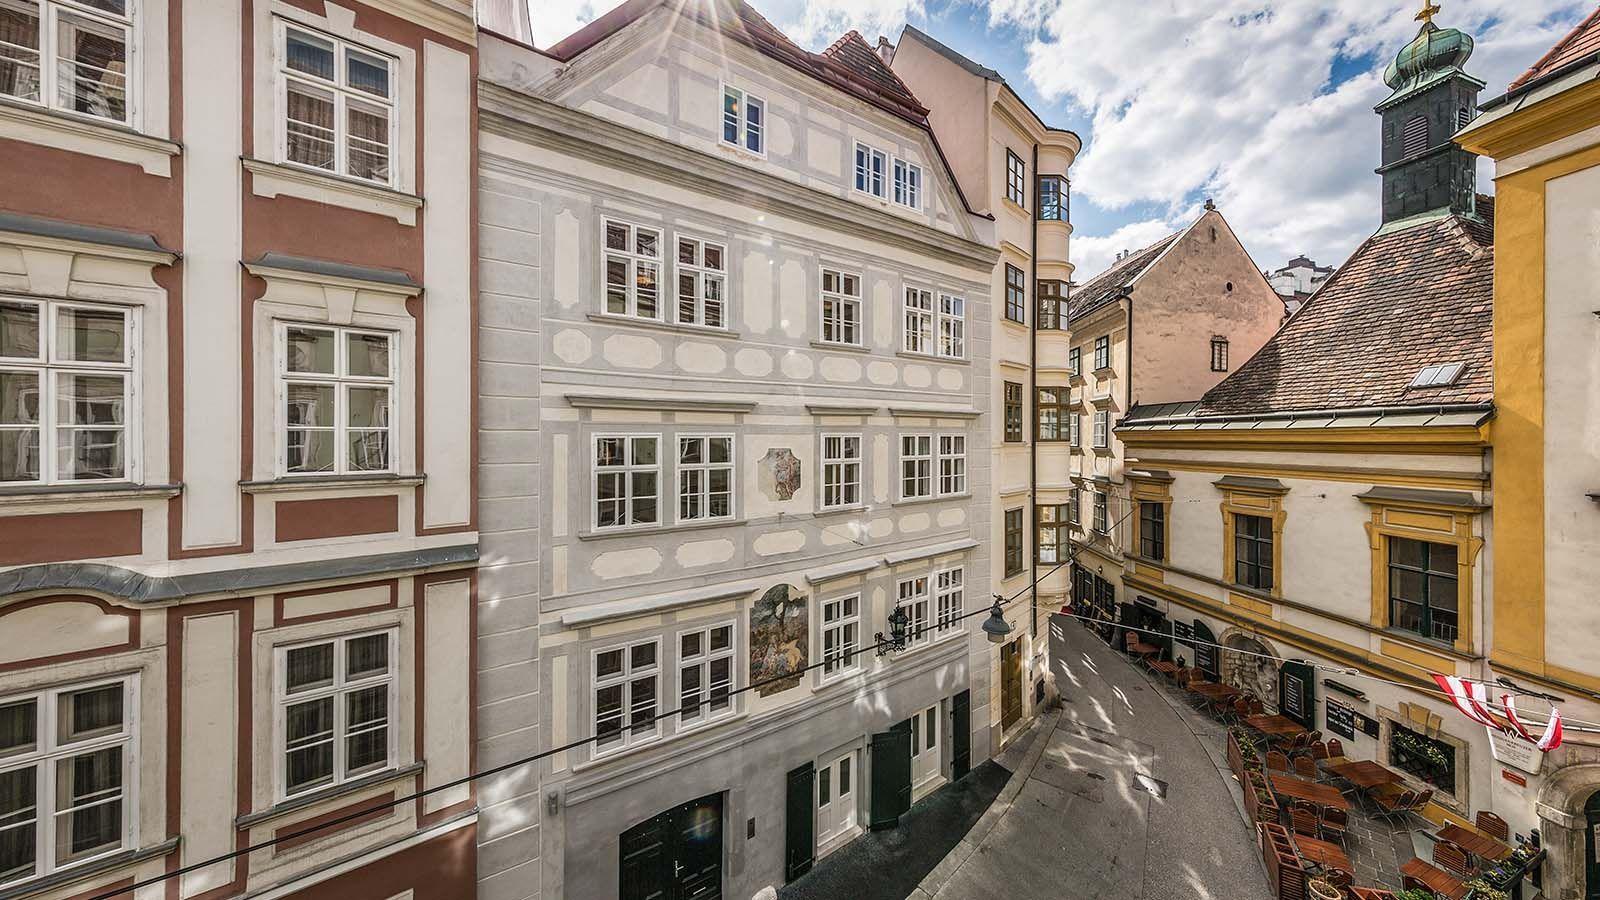 Elegantes Stadthaus Im Herzen Wiens Wien Innere Stadt Otto Immobilien Viktorianisches Haus Stadthaus Fassade Haus